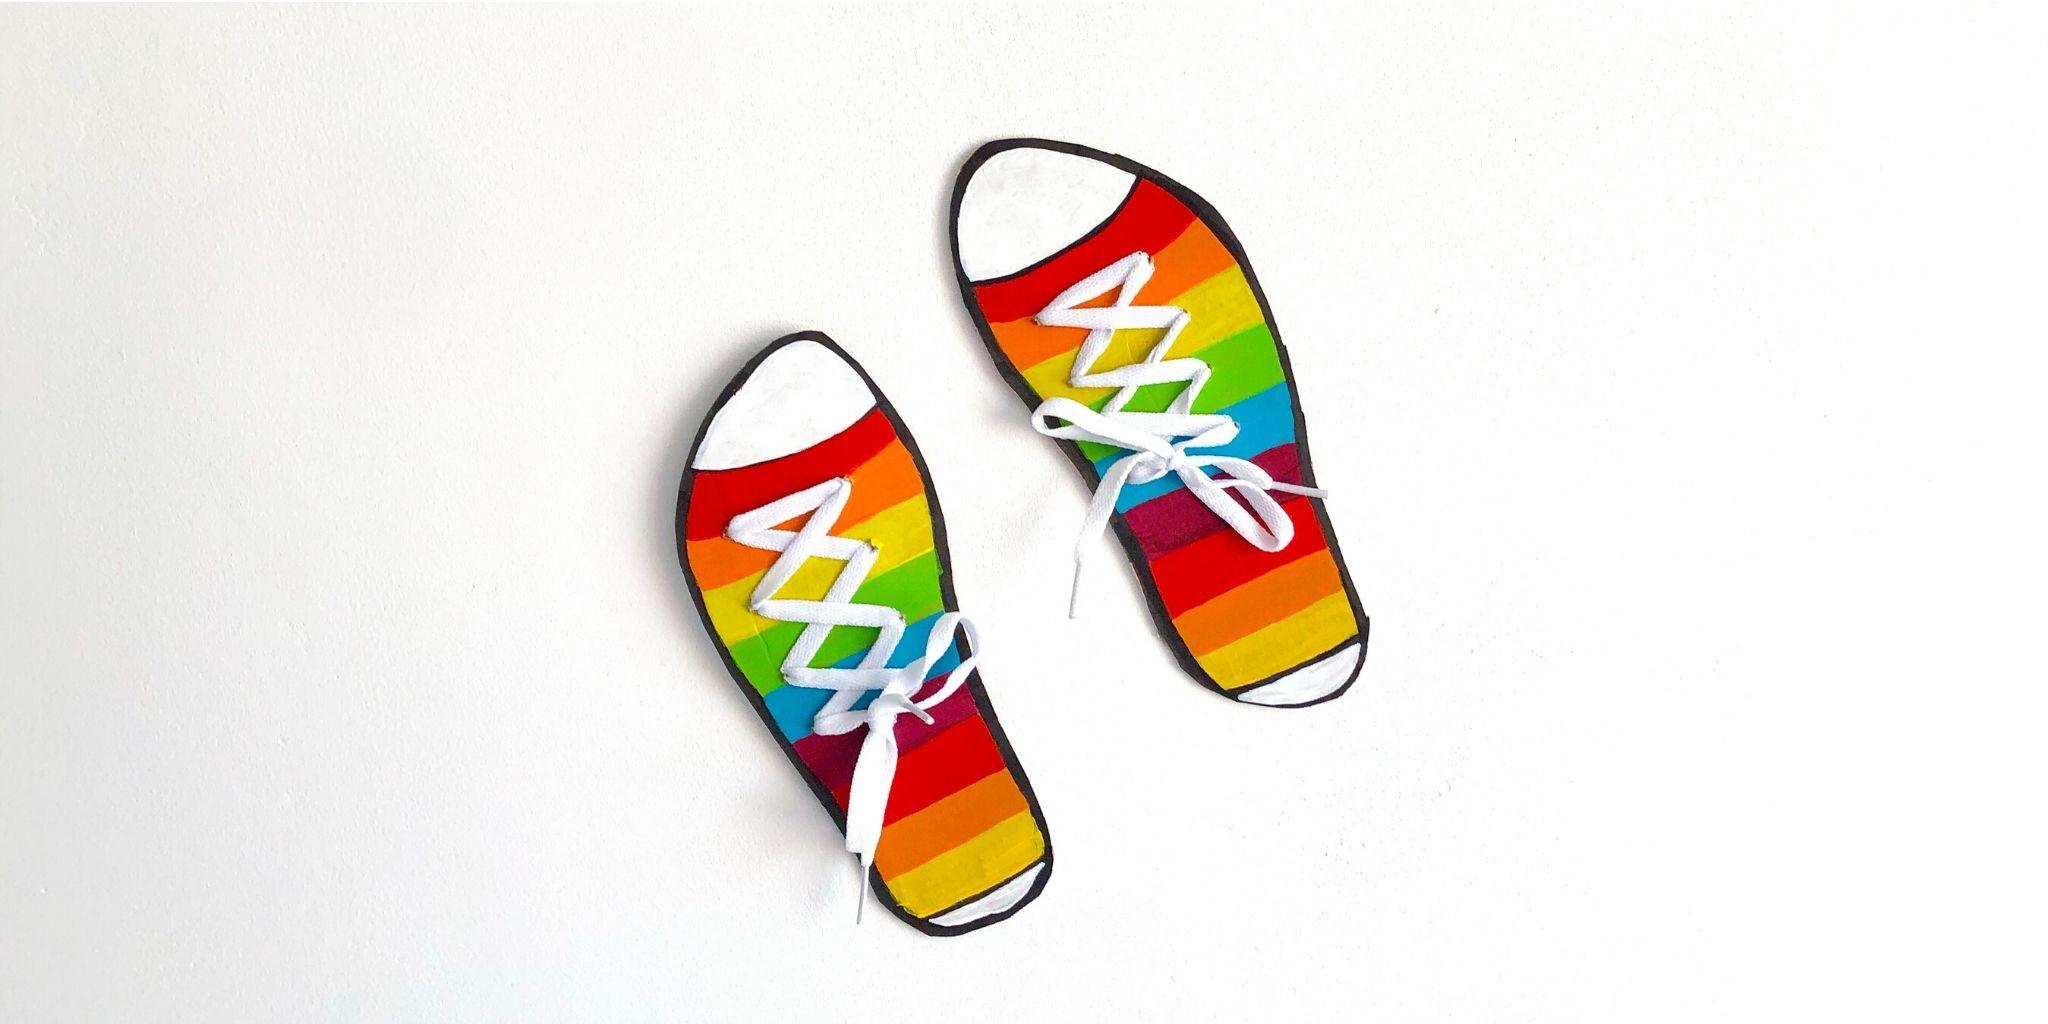 Kaip išmokyti vaikus užsirišti batus